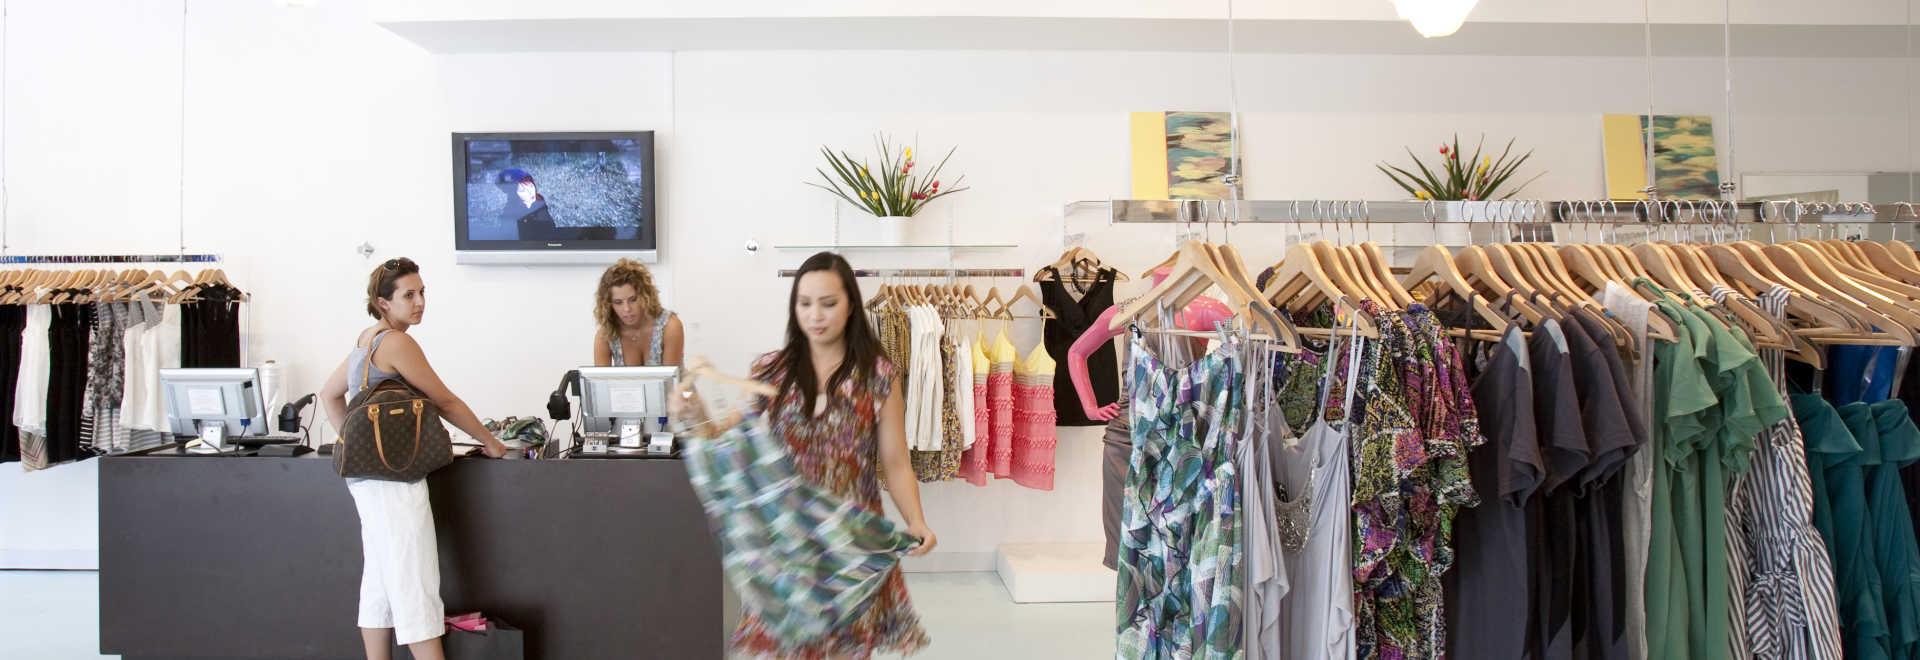 High Fashion Boutique Houston Tx